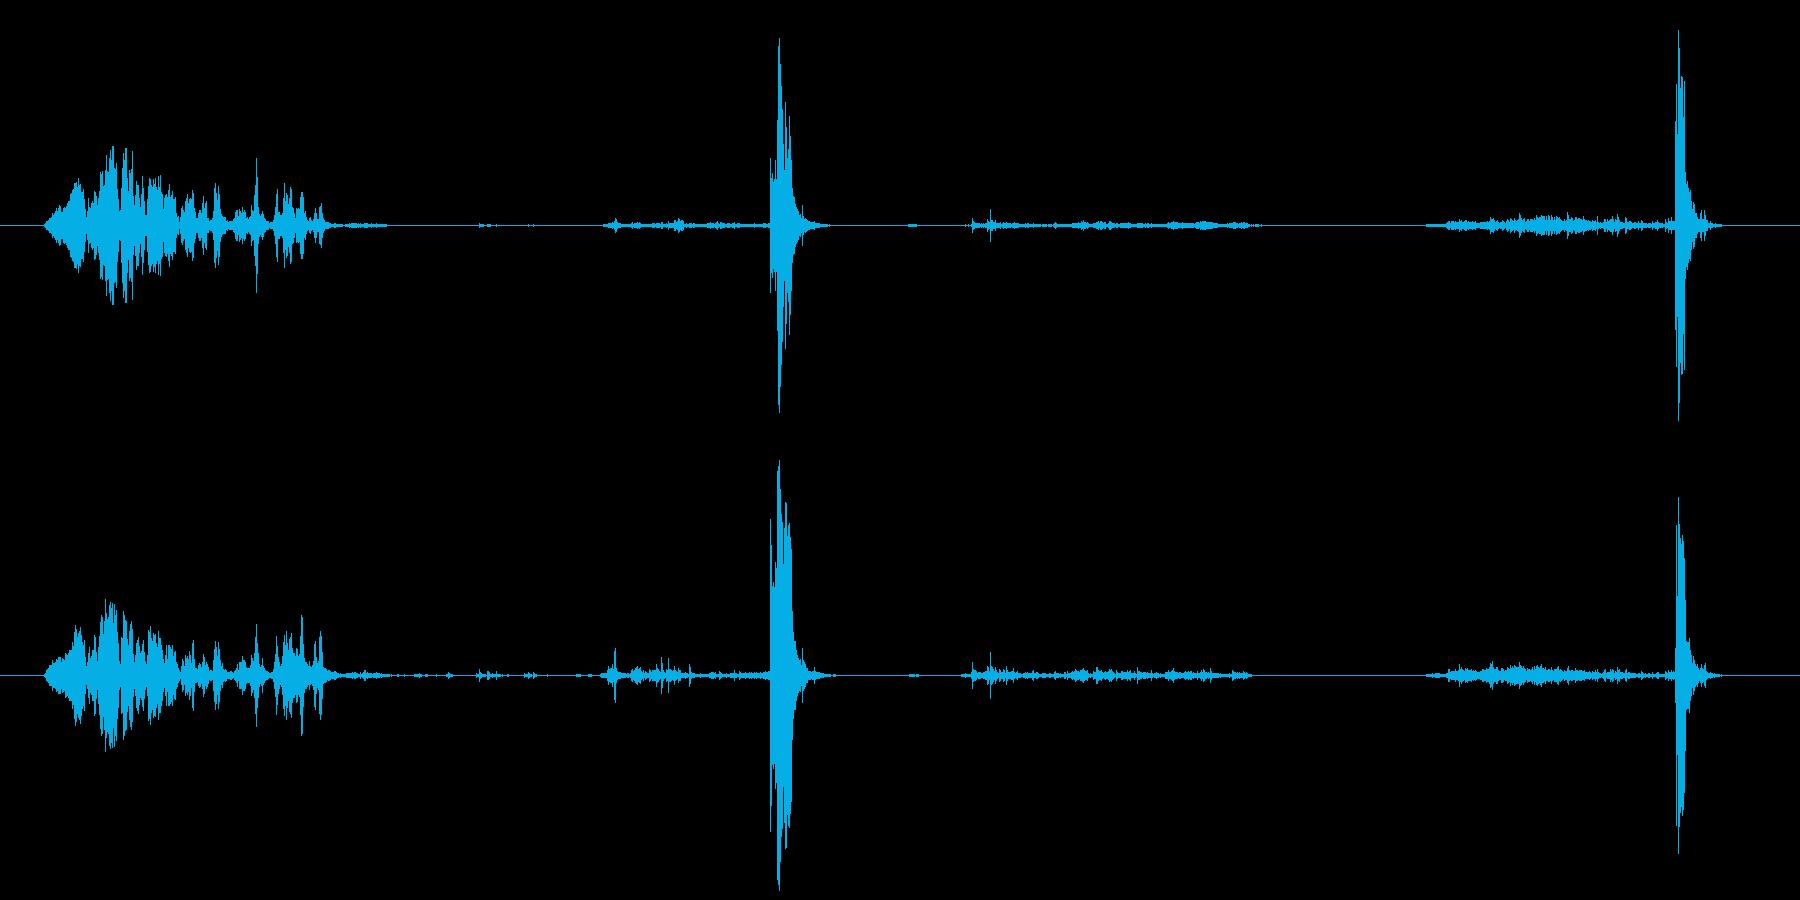 ギィィィィ(建付け悪い)(古い)の再生済みの波形